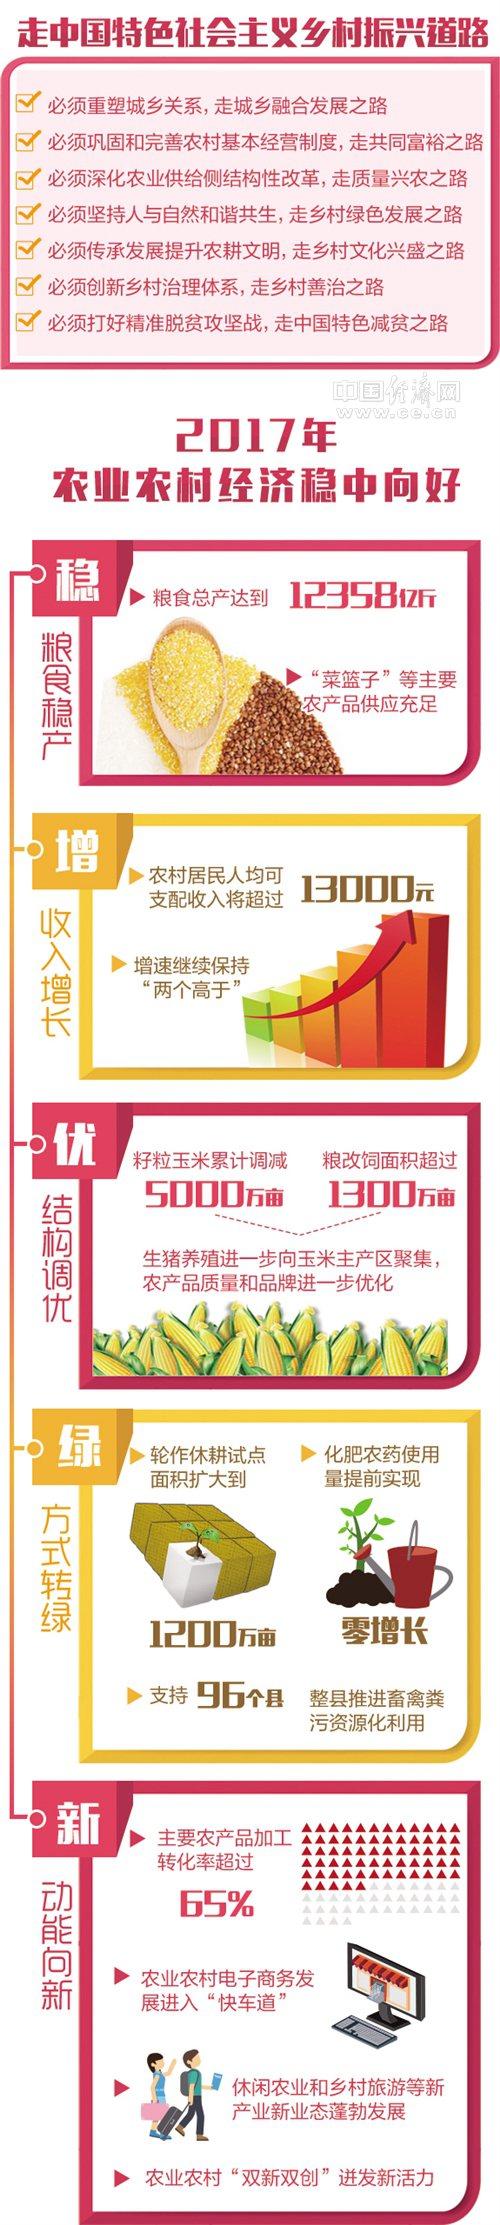 金沙娱乐网址:[展望2018]让亿万农民有更多获得感